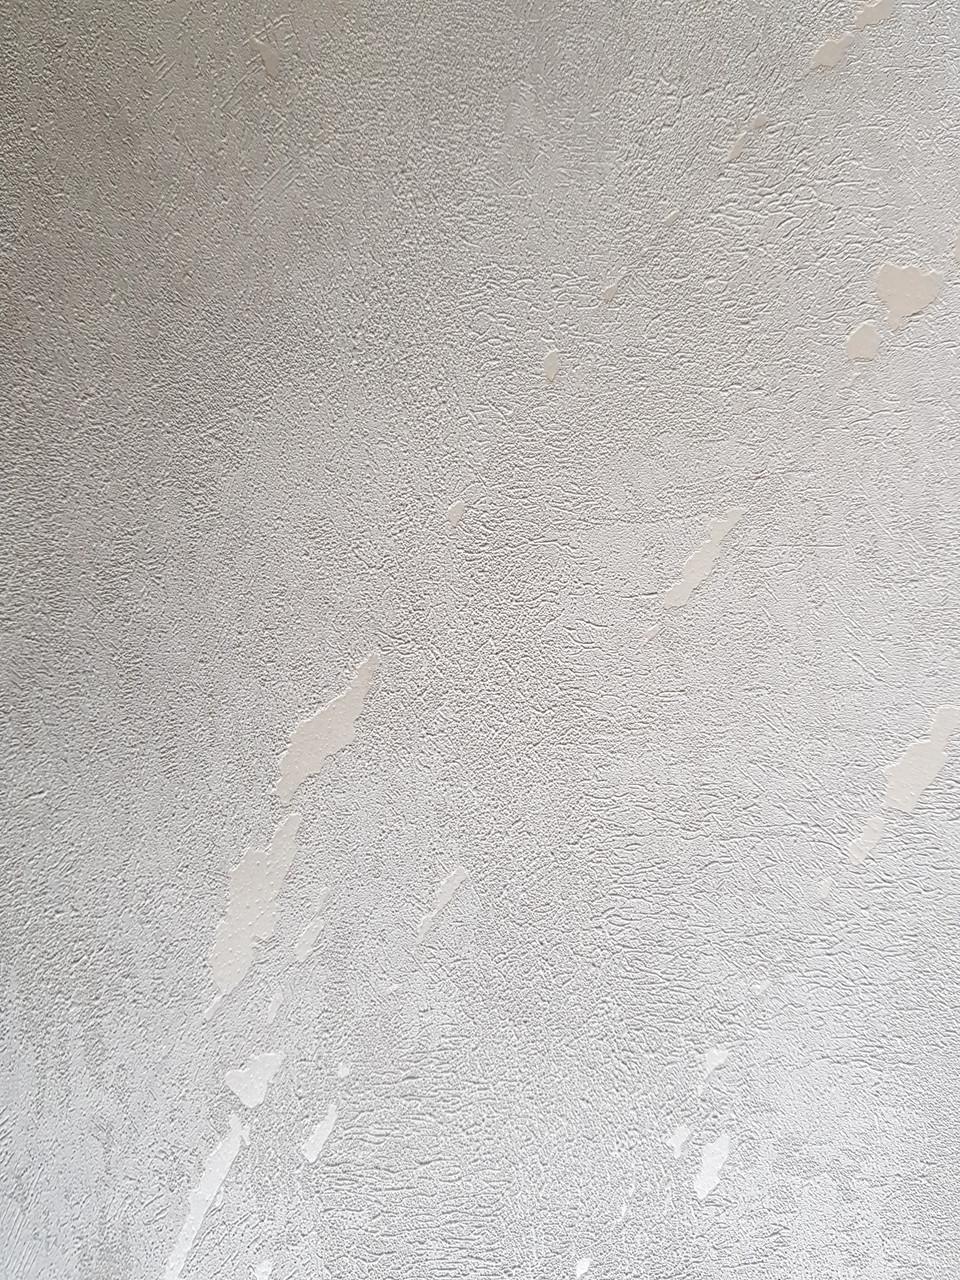 Шпалери метрові вінілові на флізелін Marburg Villa Romana абстракція під штукатурку світло сірі з сріблястим